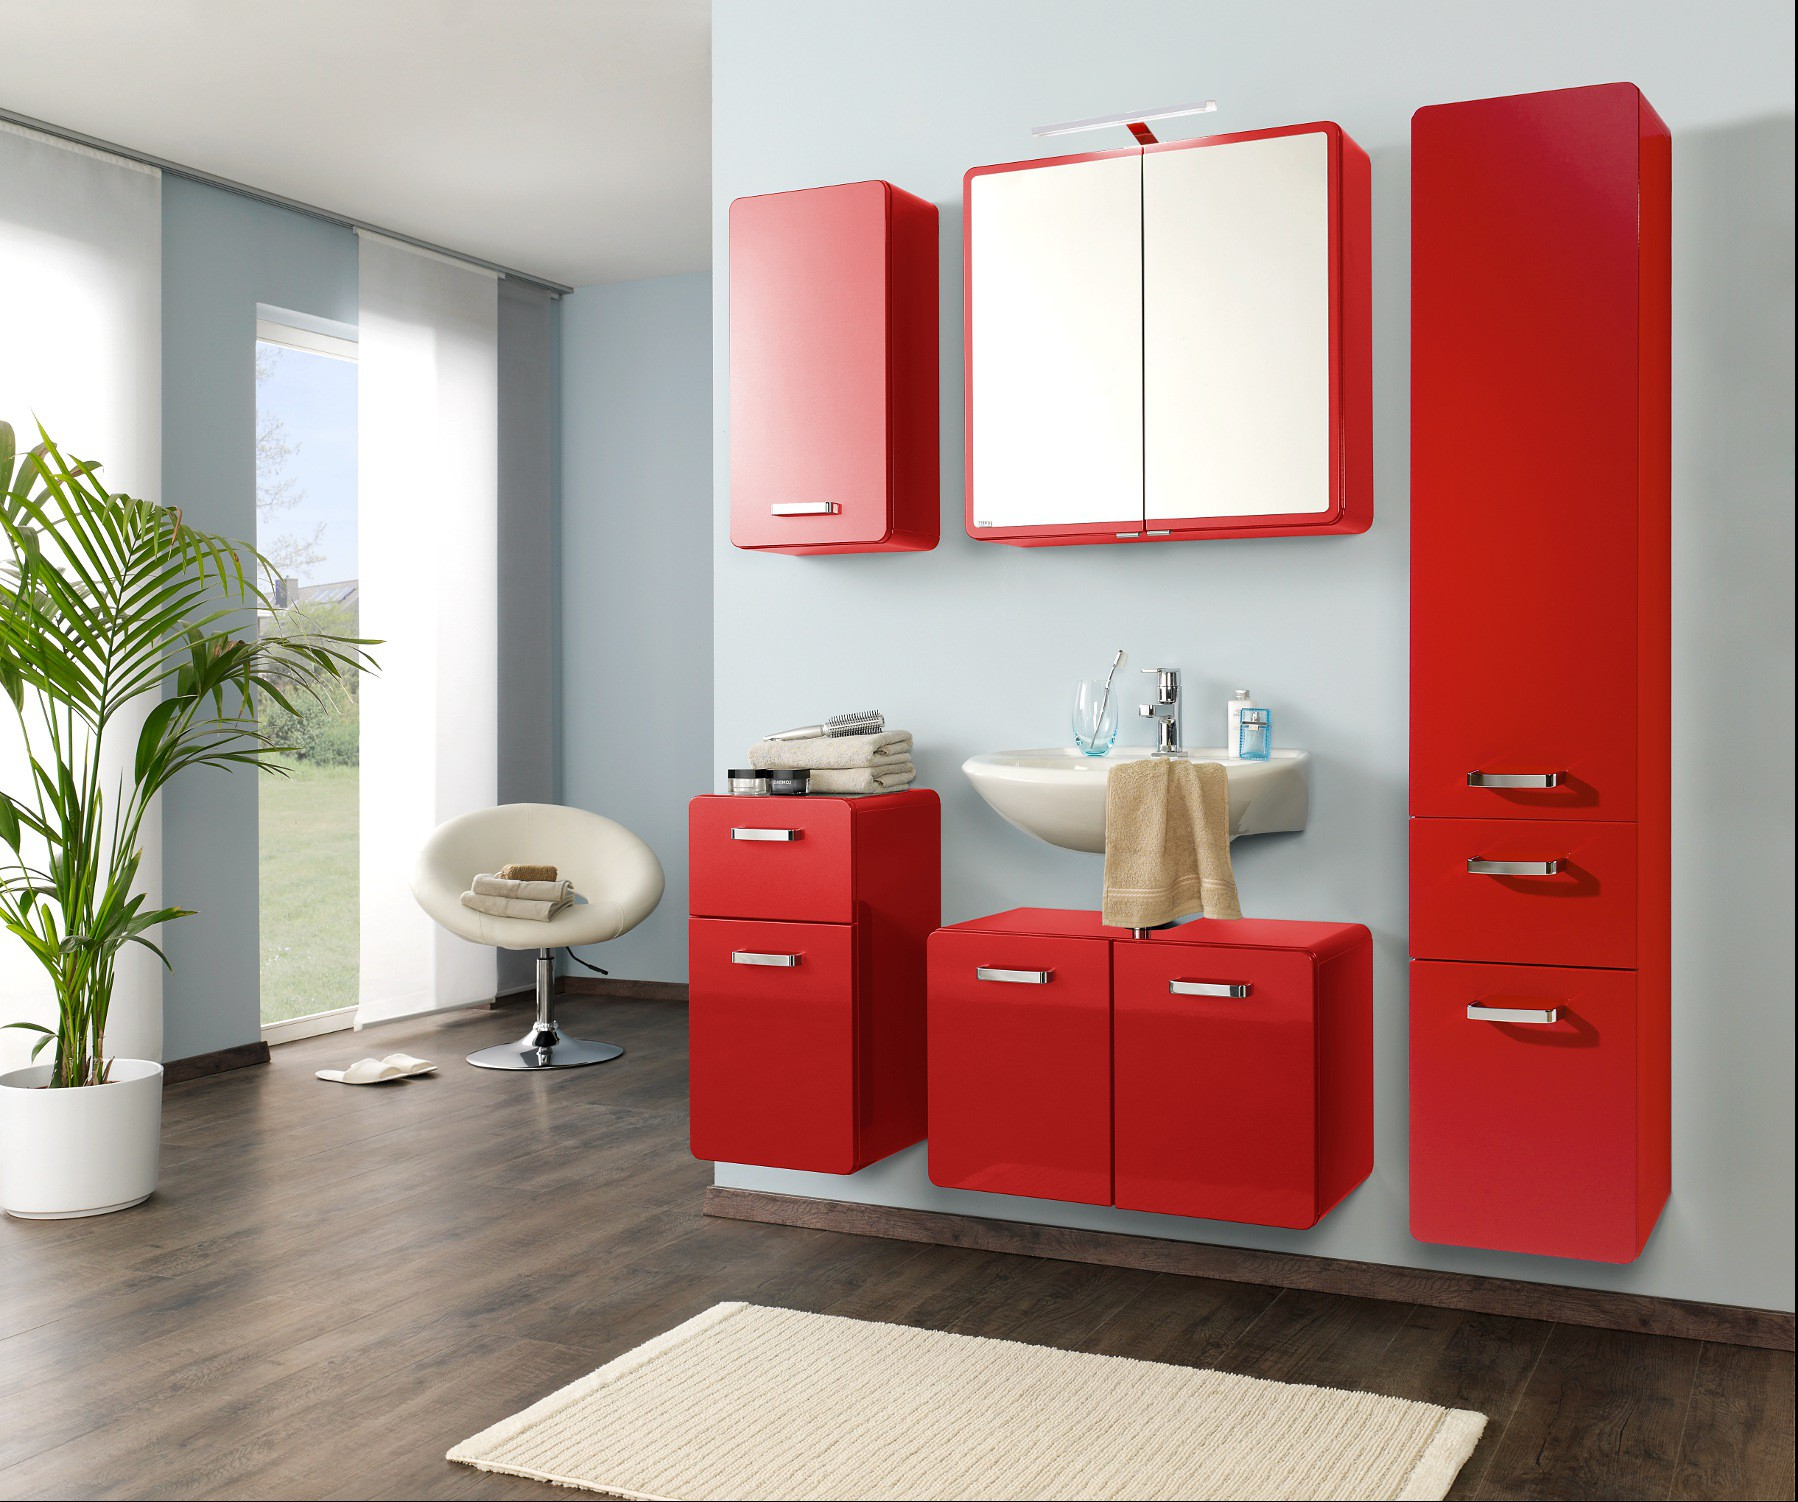 Badezimmer Rot  badezimmer rot, badezimmer rot weiß, badezimmer rot